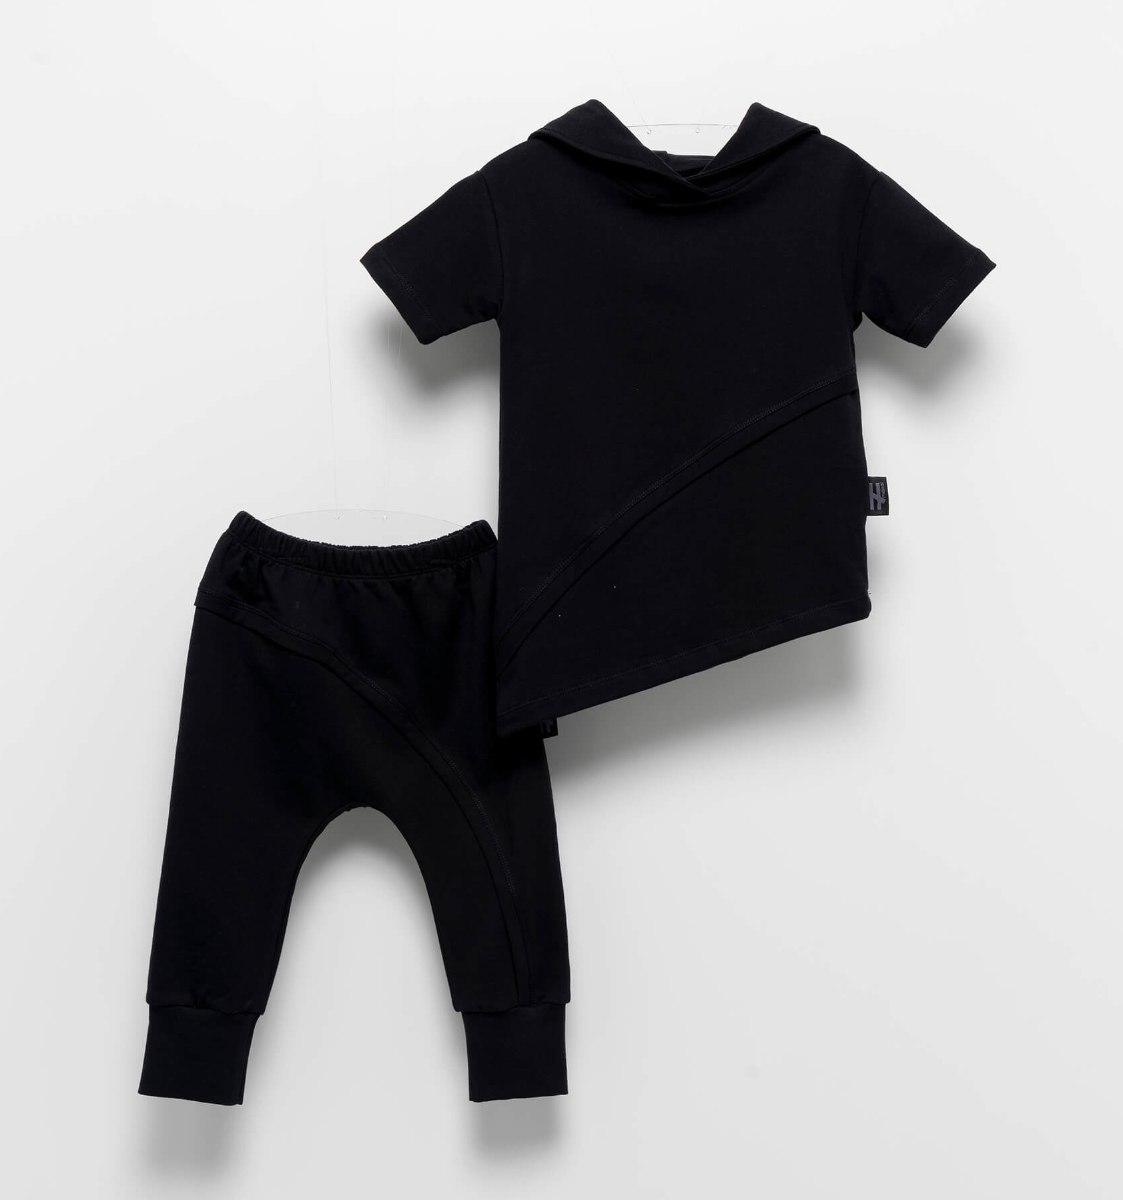 חליפה שחורה א-סימטרית MOI NOI מידות - 6 חודשים עד 5 שנים